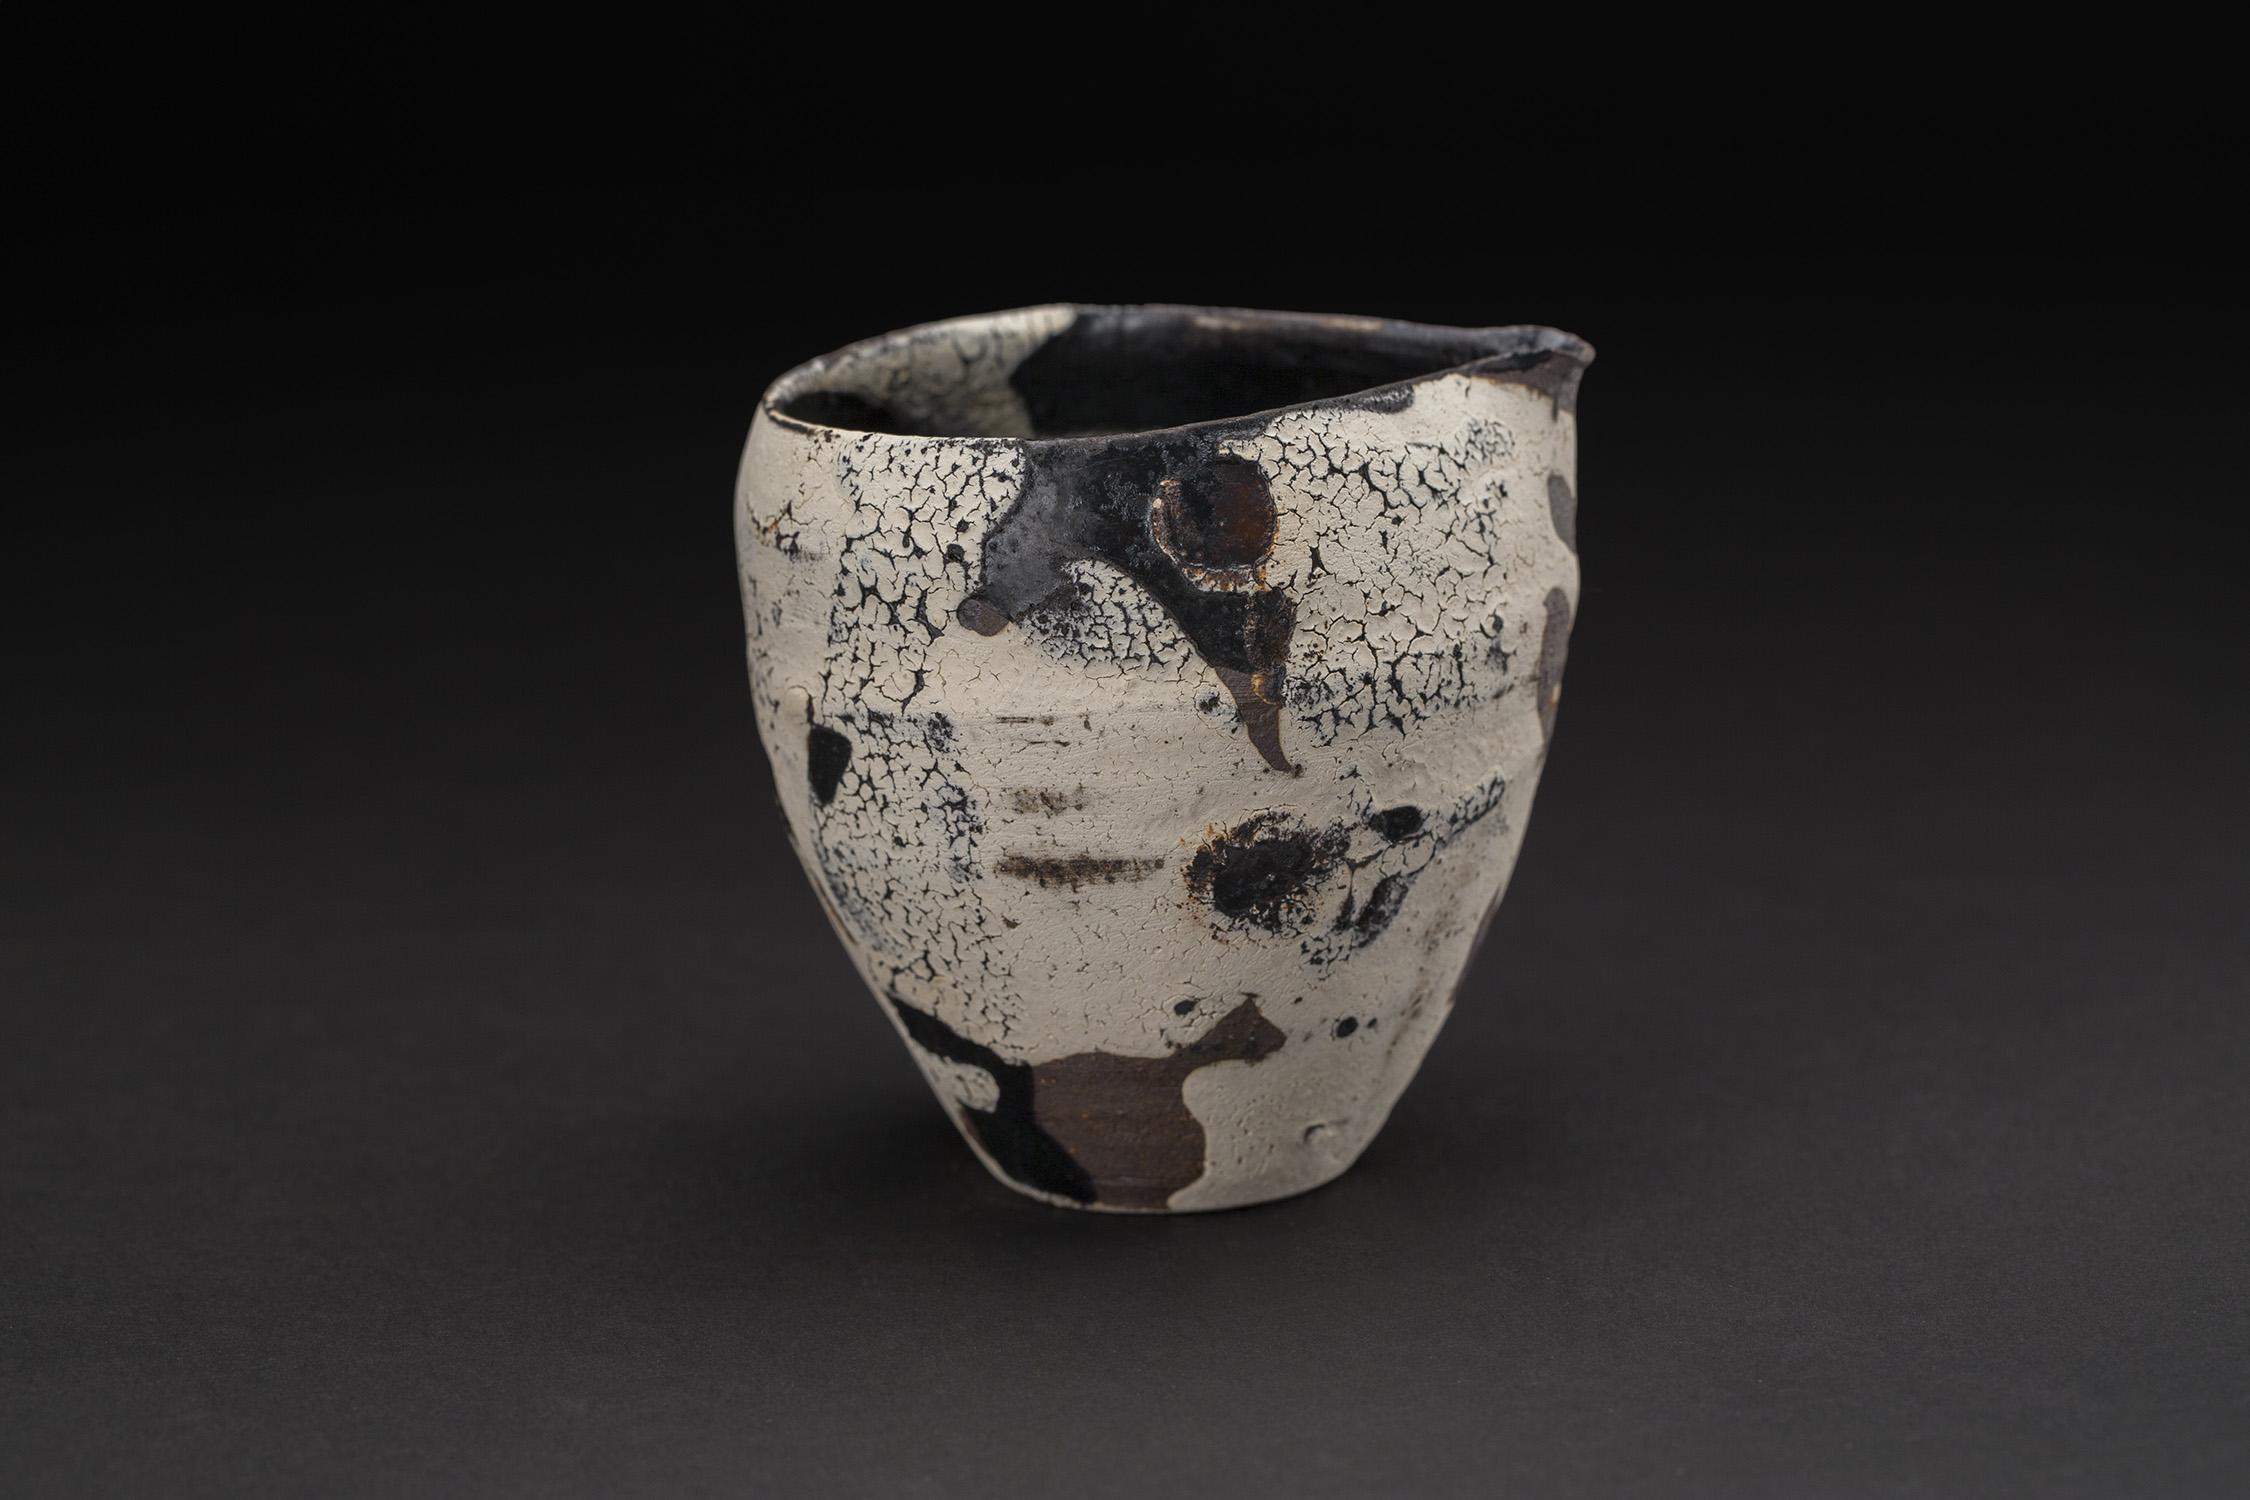 Akihiro Nikaido  Katakuchi  , 2019 Ceramic 3.5 x 3.75 x 3 inches 8.9 x 9.5 x 7.6 cm ANk 85